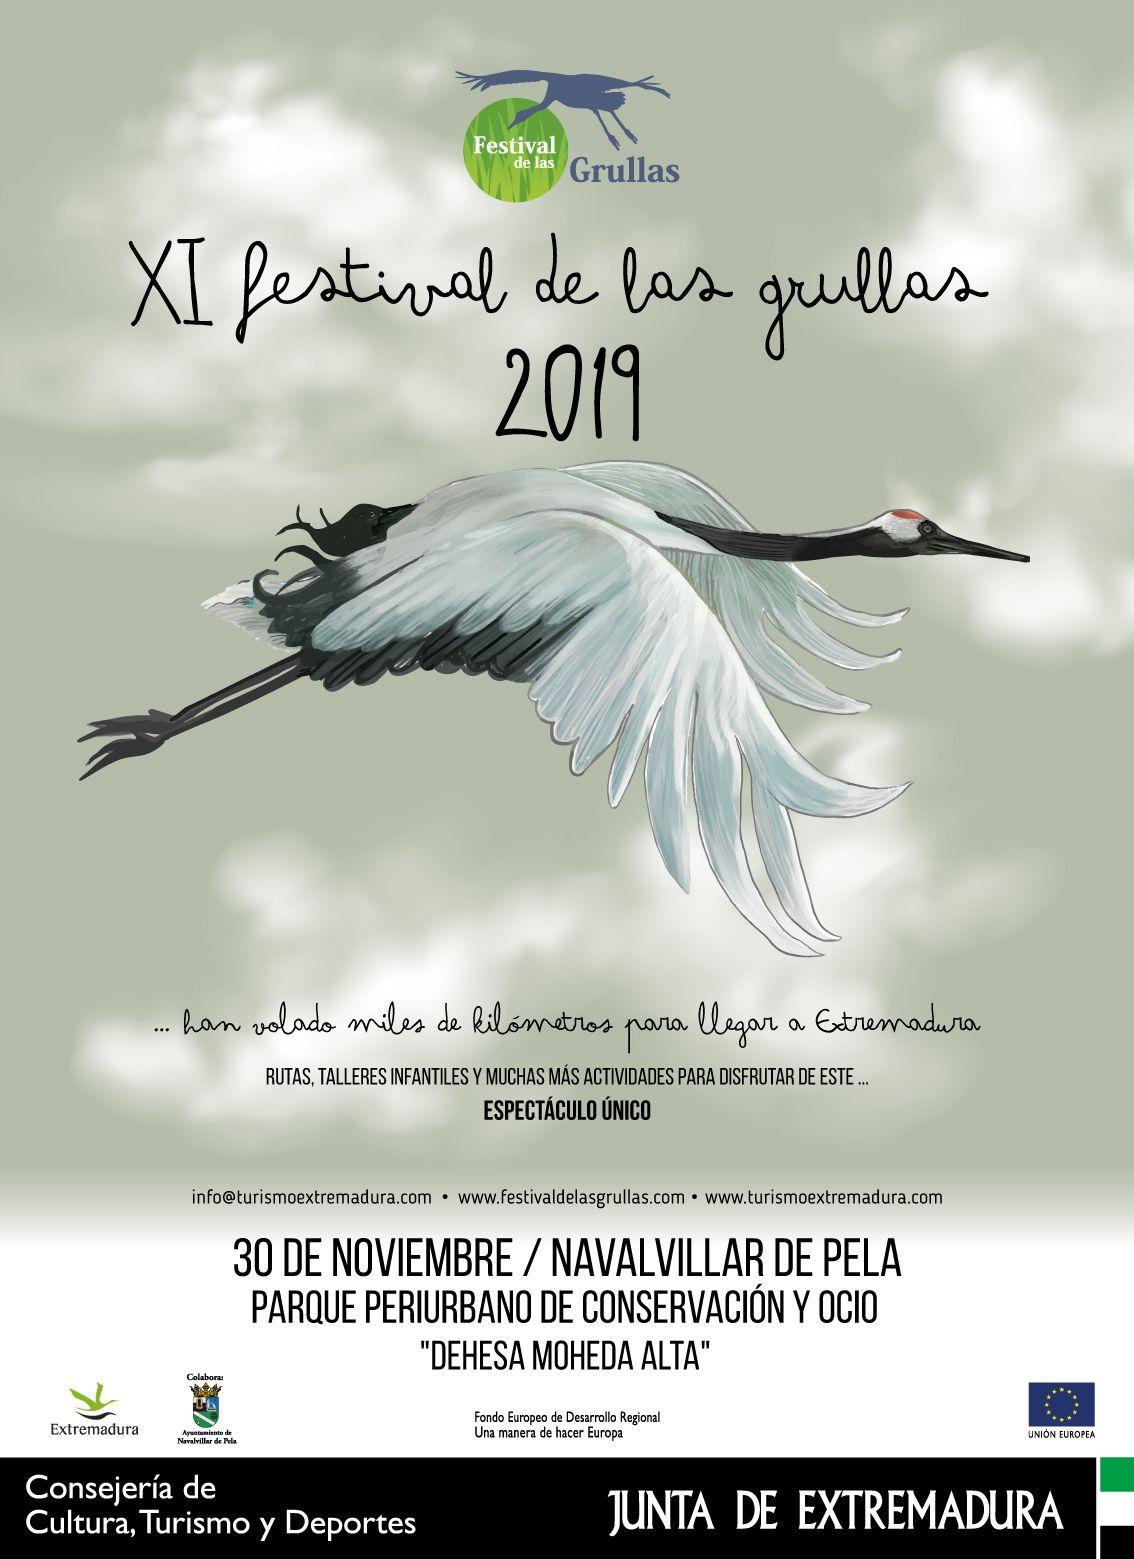 Undécima edición del Festival de las Grullas este sábado en Navalvillar de Pela